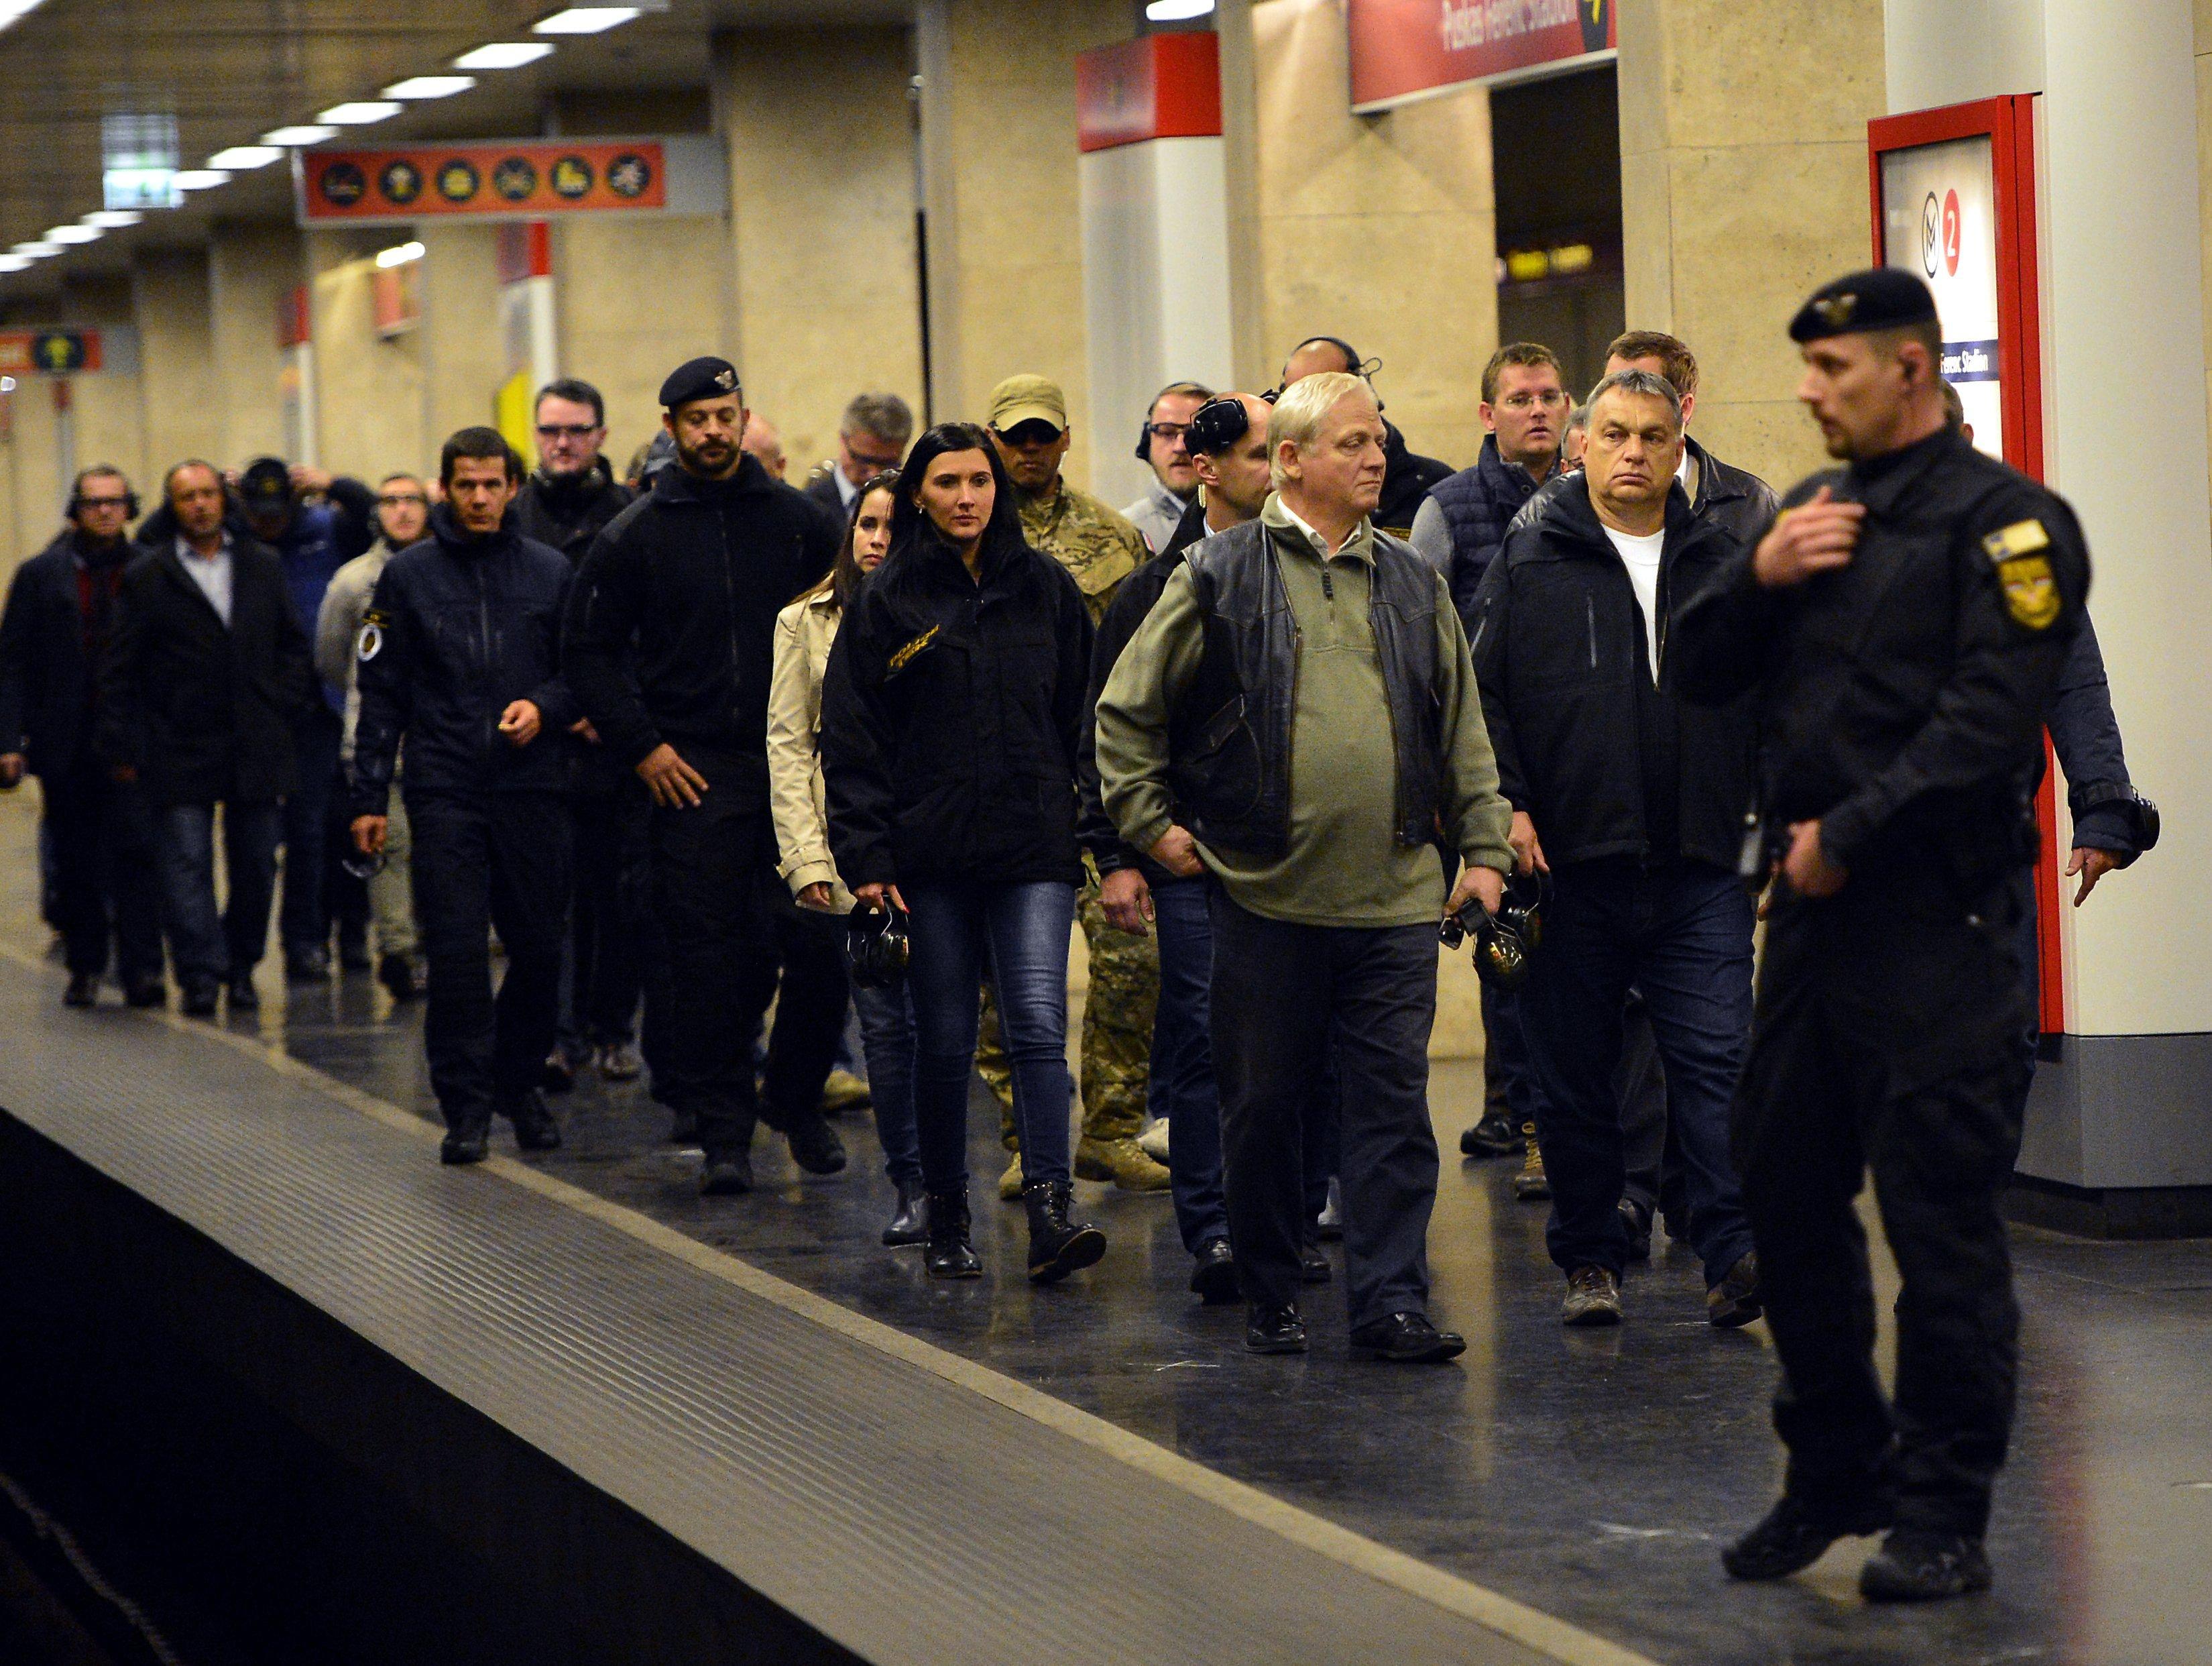 A magyar hatóságok a belgáktól tudták meg, hogy valaki 200 ezer SIM kártyát vásárolt hamis névre Magyarországon, és ezeknek egy része terroristákhoz került